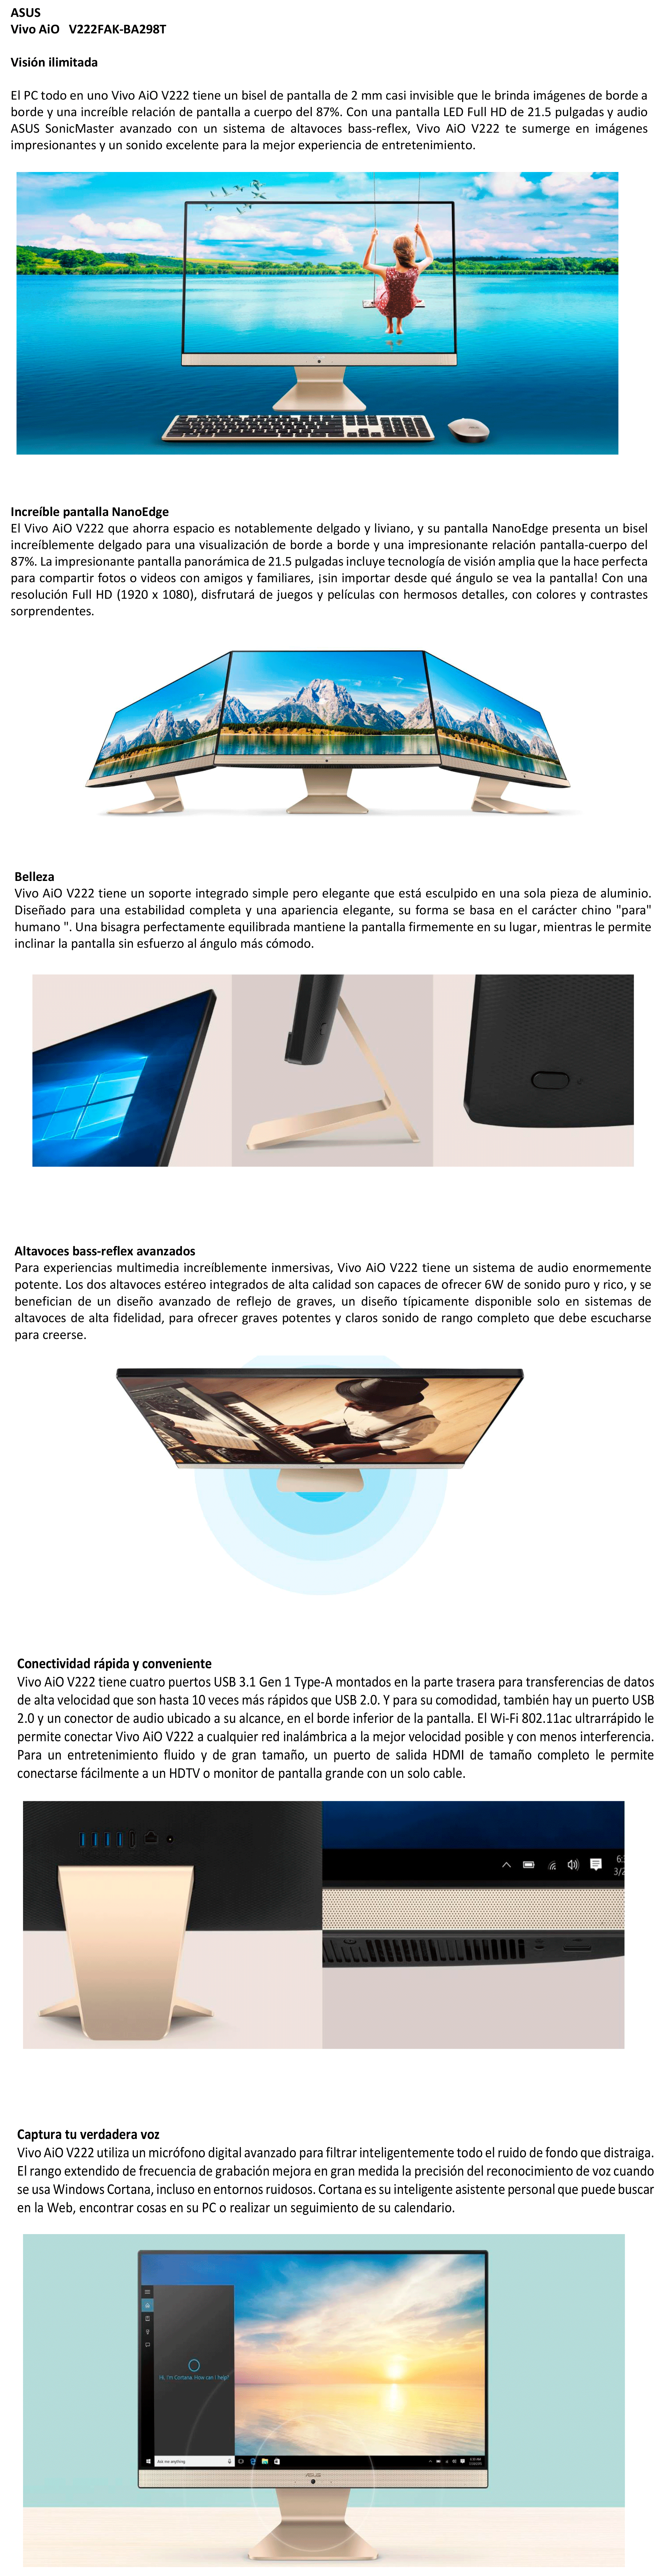 texto alusion a imagen y titulo de ficha